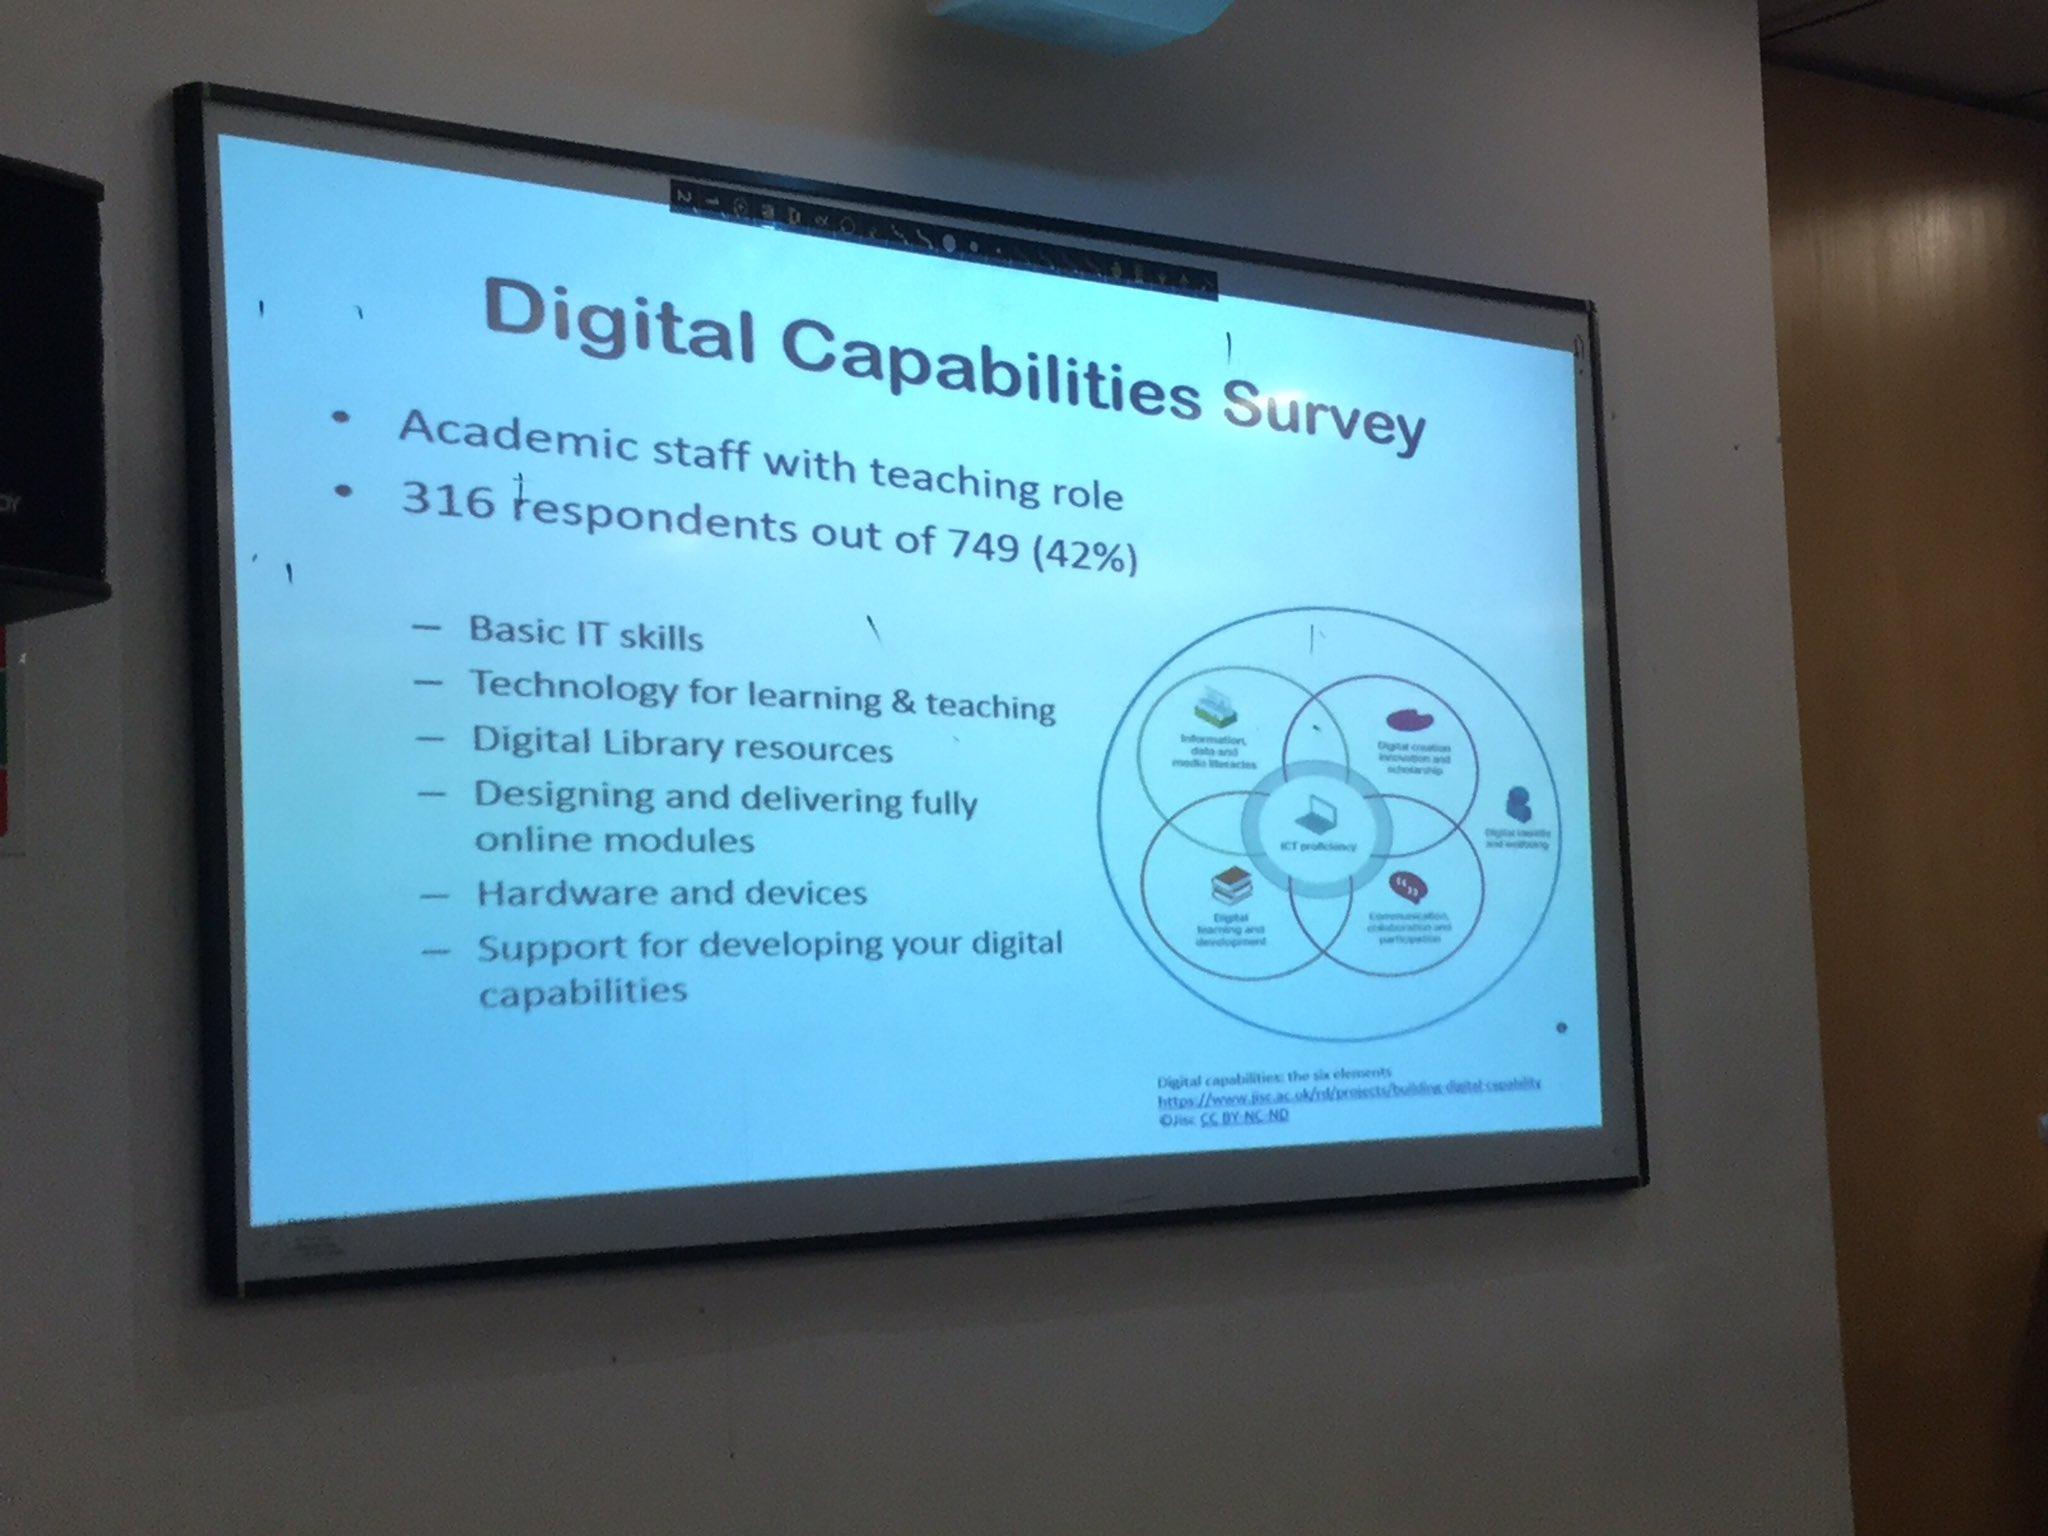 overview of our recent digital capabilities survey #LTGCU https://t.co/Evmrkx8hTe